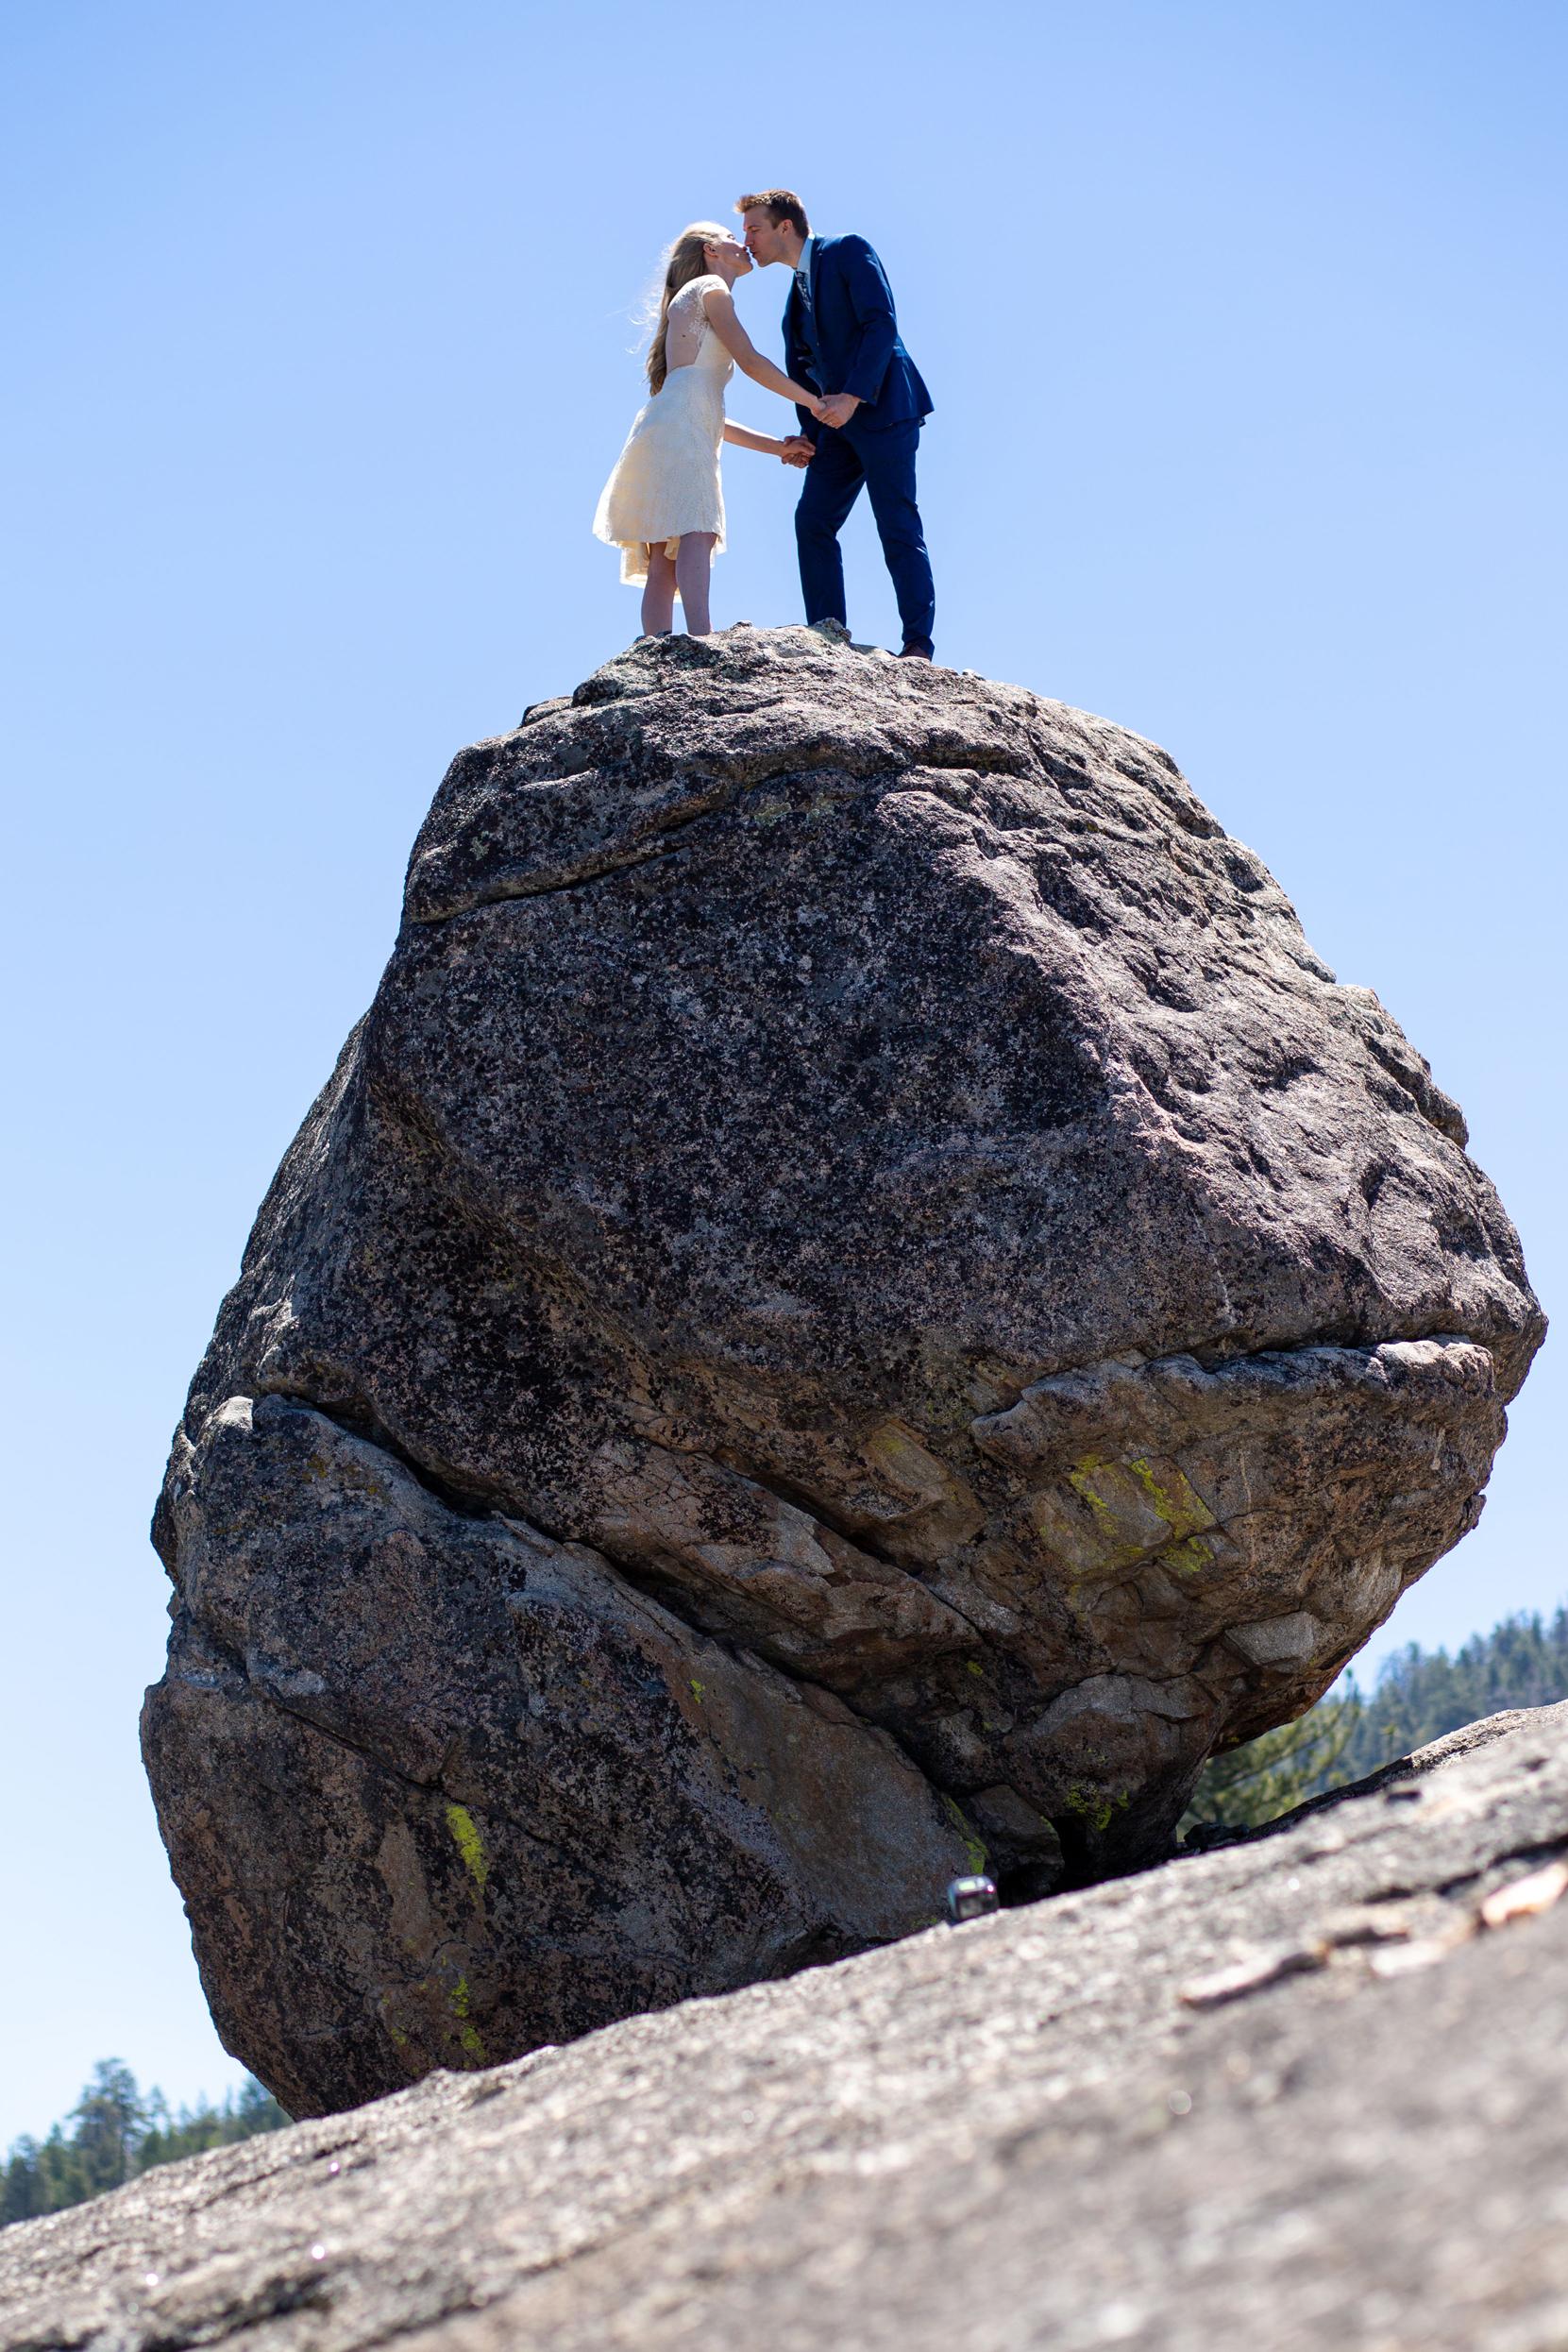 yosemite-adventure-wedding-alisonscott (14).jpg